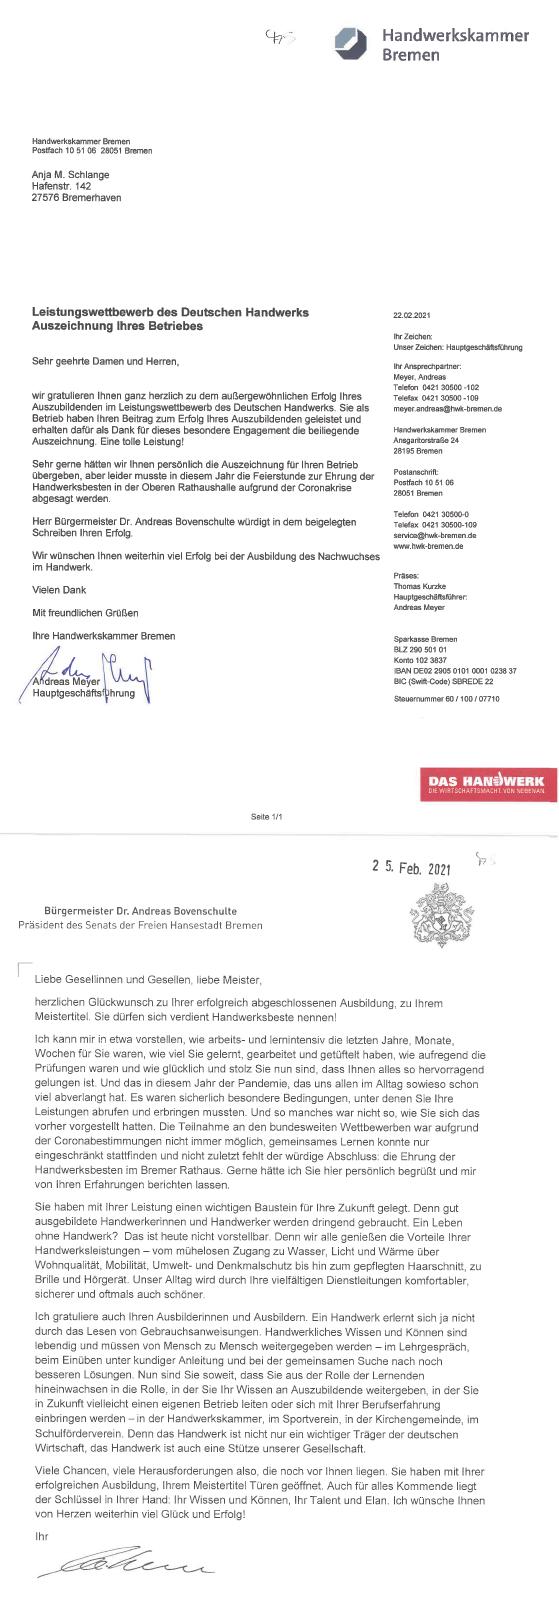 Brief der Handwerkskammer